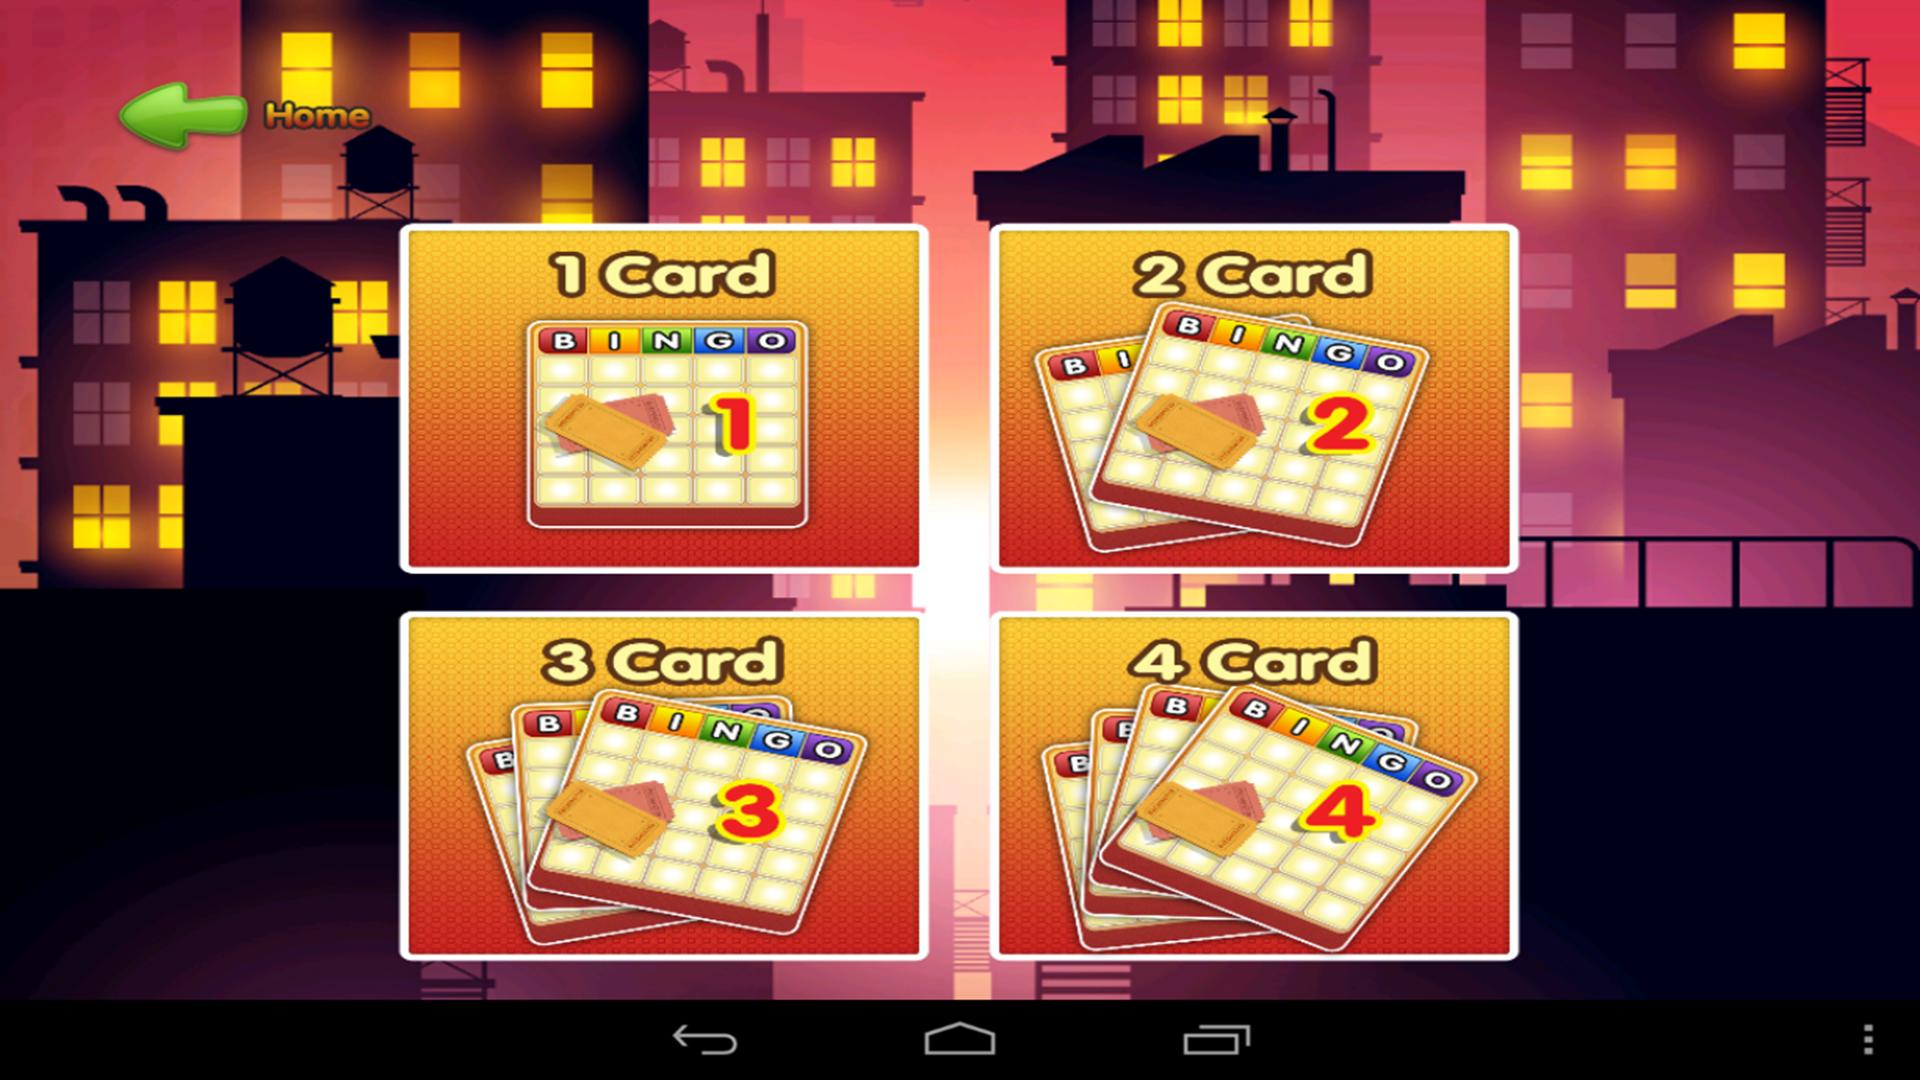 ansturm auf spa bingo spiele kostenlos apps f r android. Black Bedroom Furniture Sets. Home Design Ideas